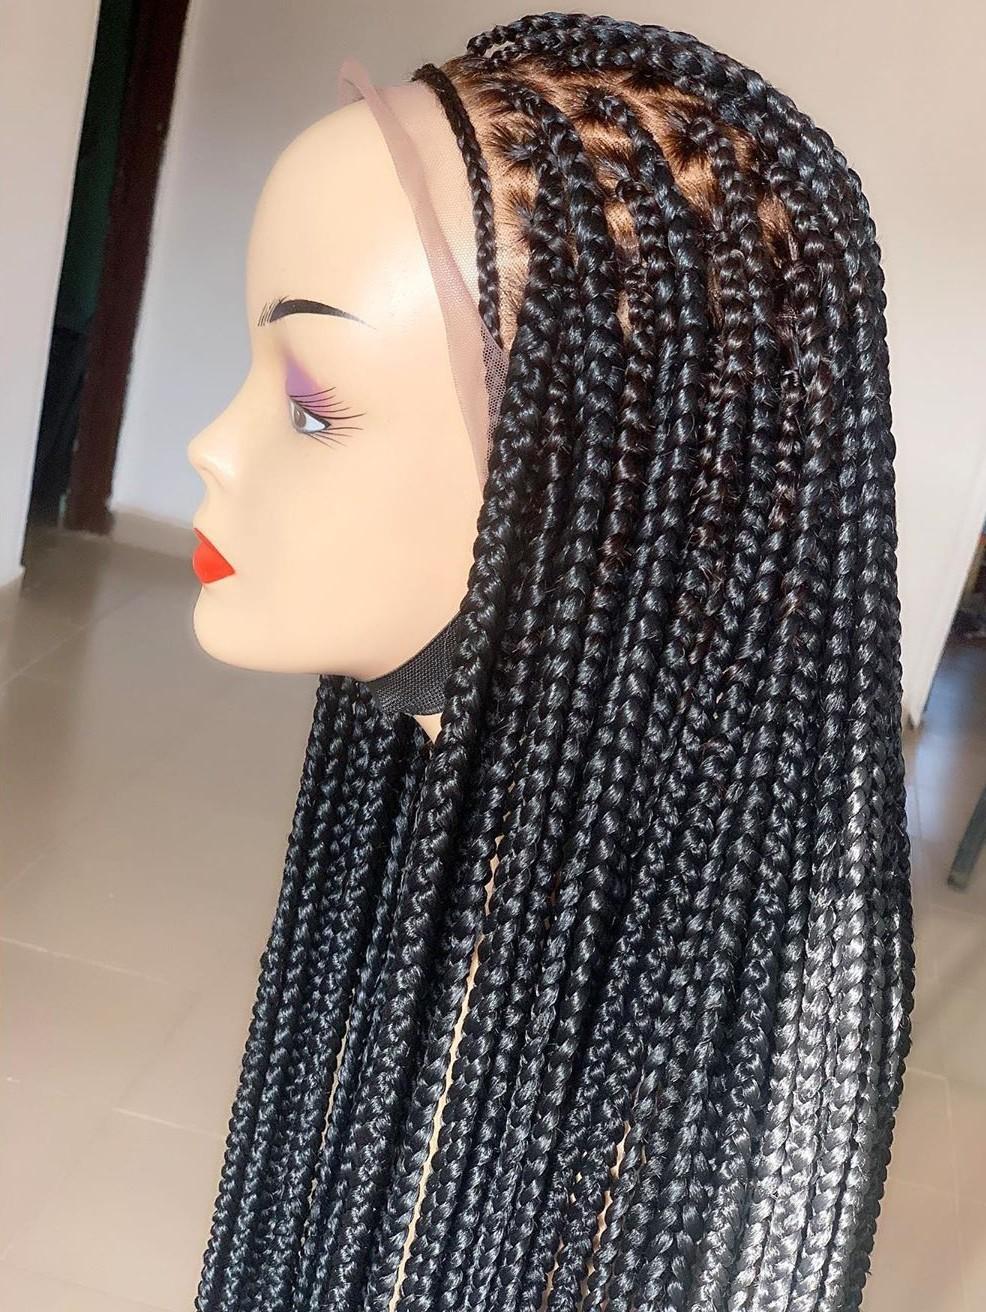 Braided Wig Full Lace wig Wig Braided Full Wig